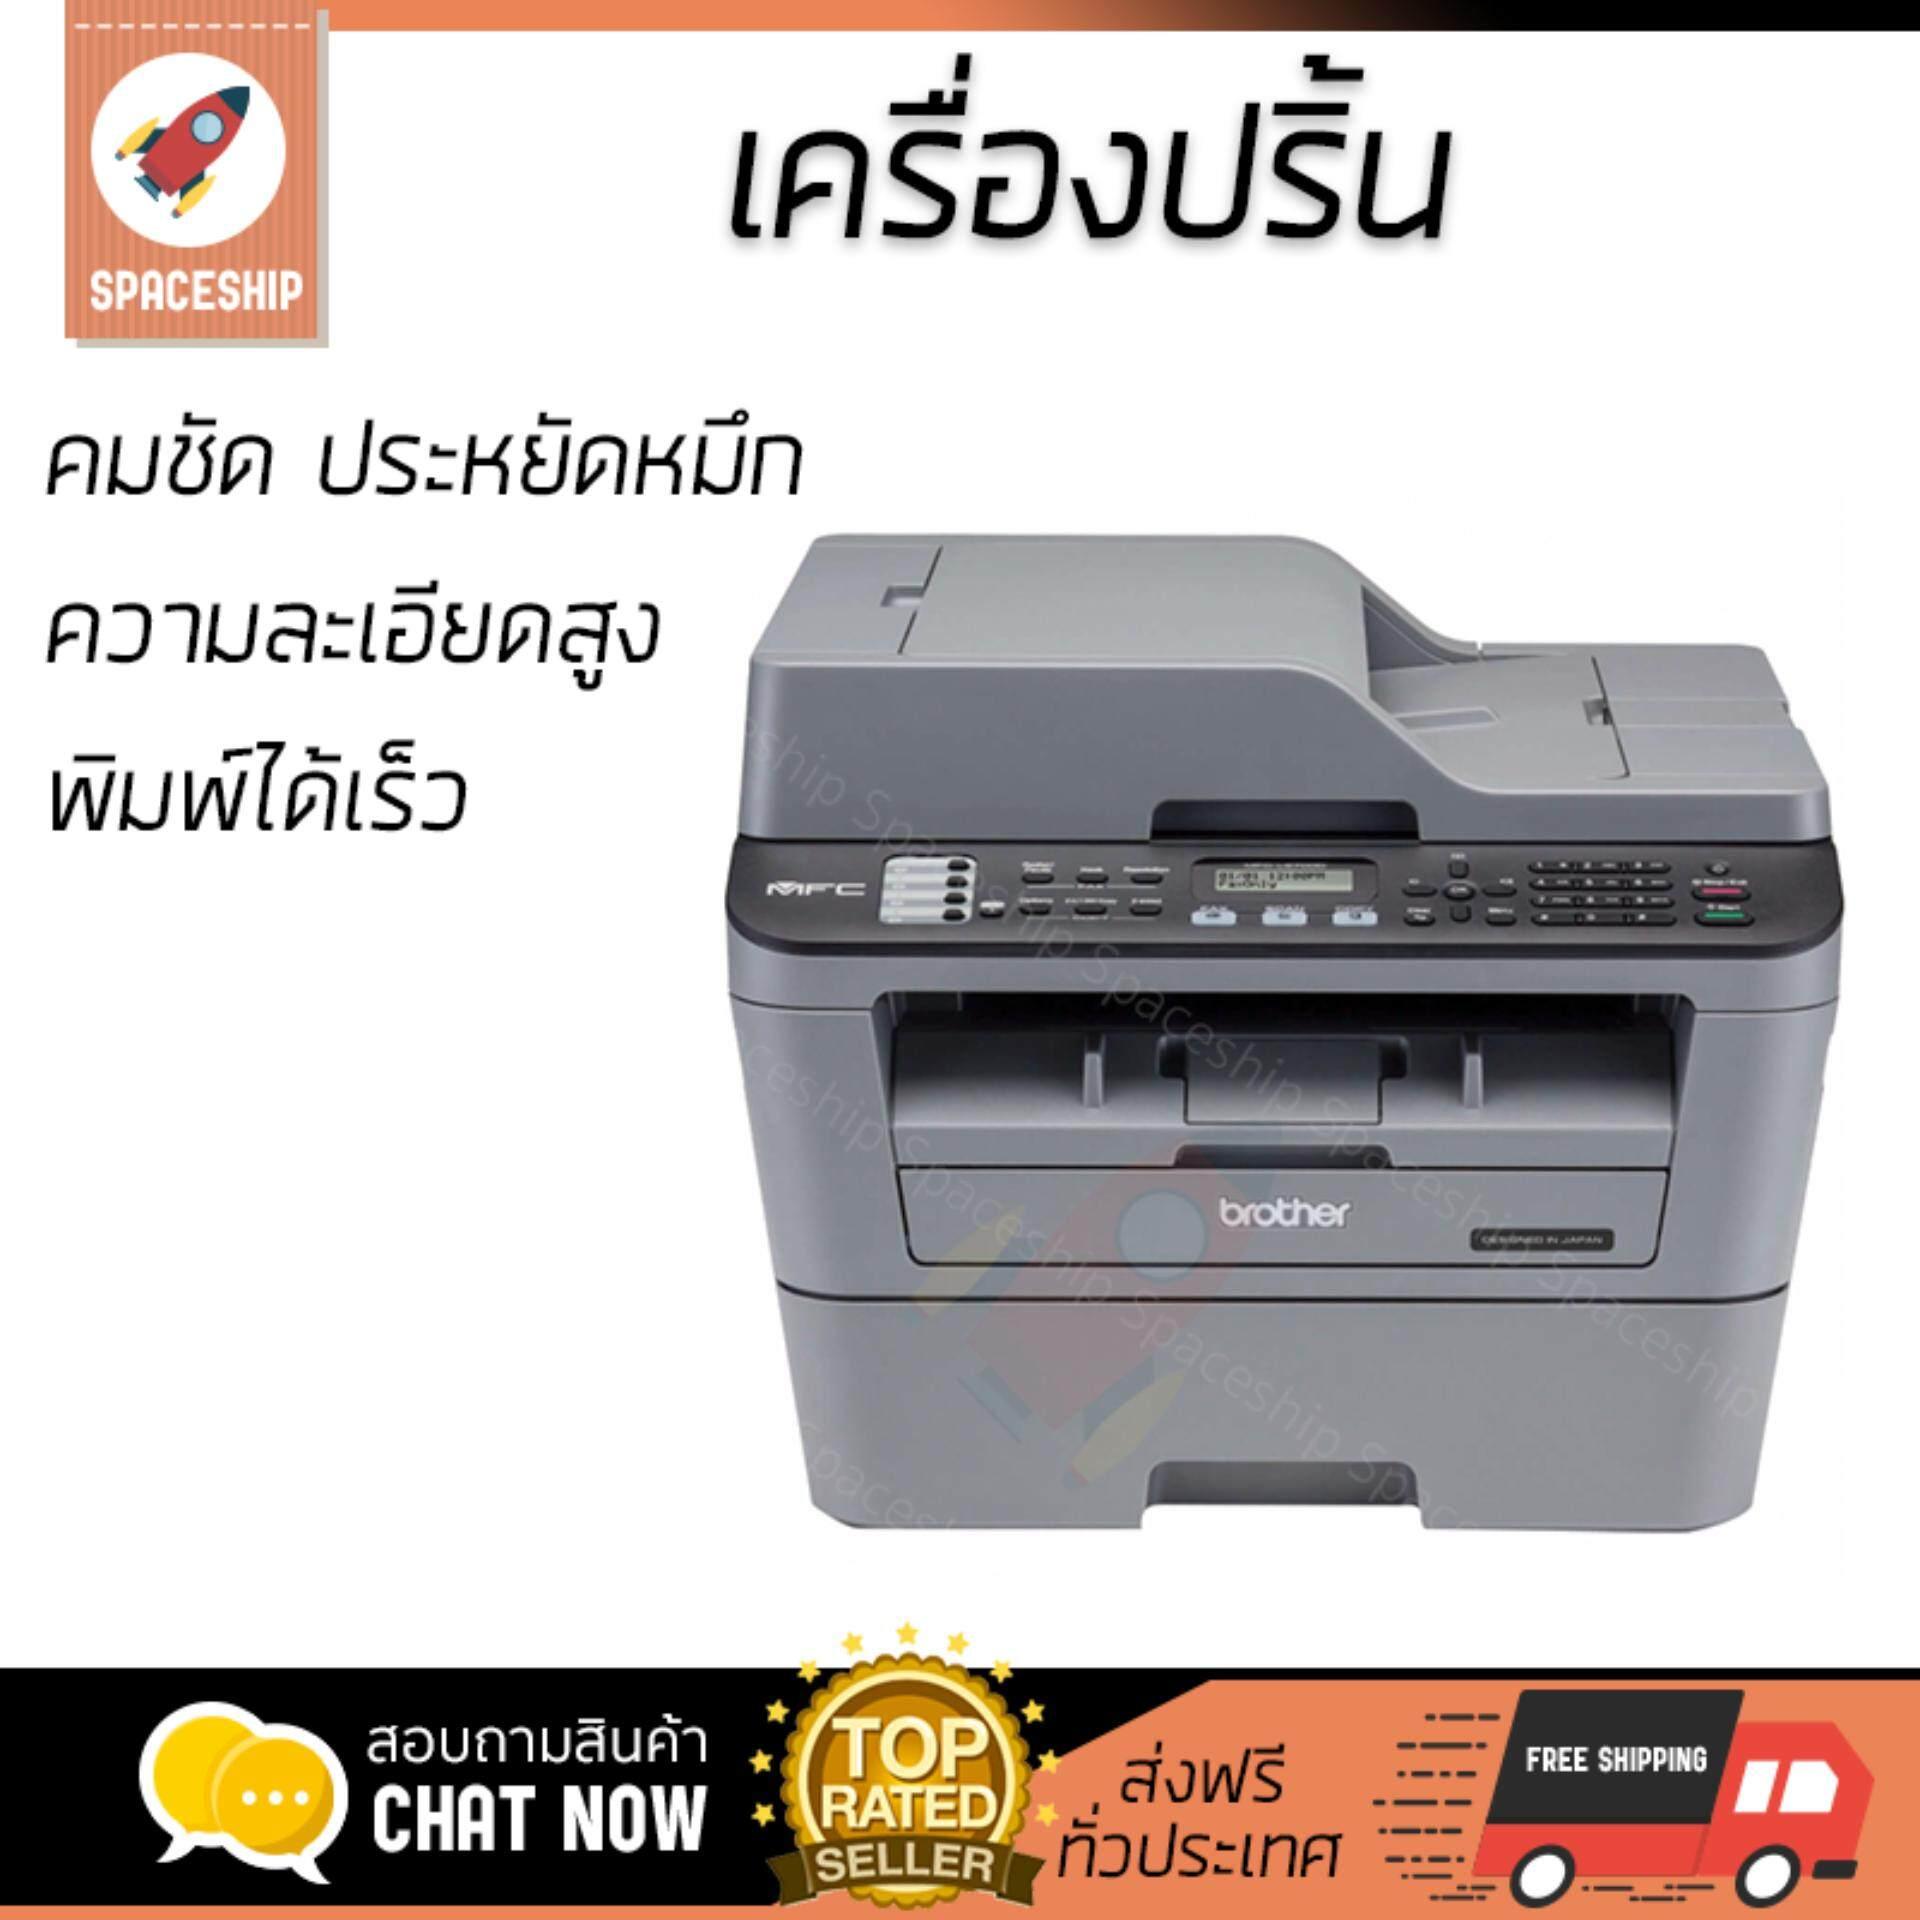 โปรโมชัน เครื่องพิมพ์เลเซอร์           BROTHER ปริ้นเตอร์มัลติฟังก์ชั่น รุ่น MFC-L2700D             ความละเอียดสูง คมชัด พิมพ์ได้รวดเร็ว เครื่องปริ้น เครื่องปริ้นท์ Laser Printer รับประกันสินค้า 1 ปี